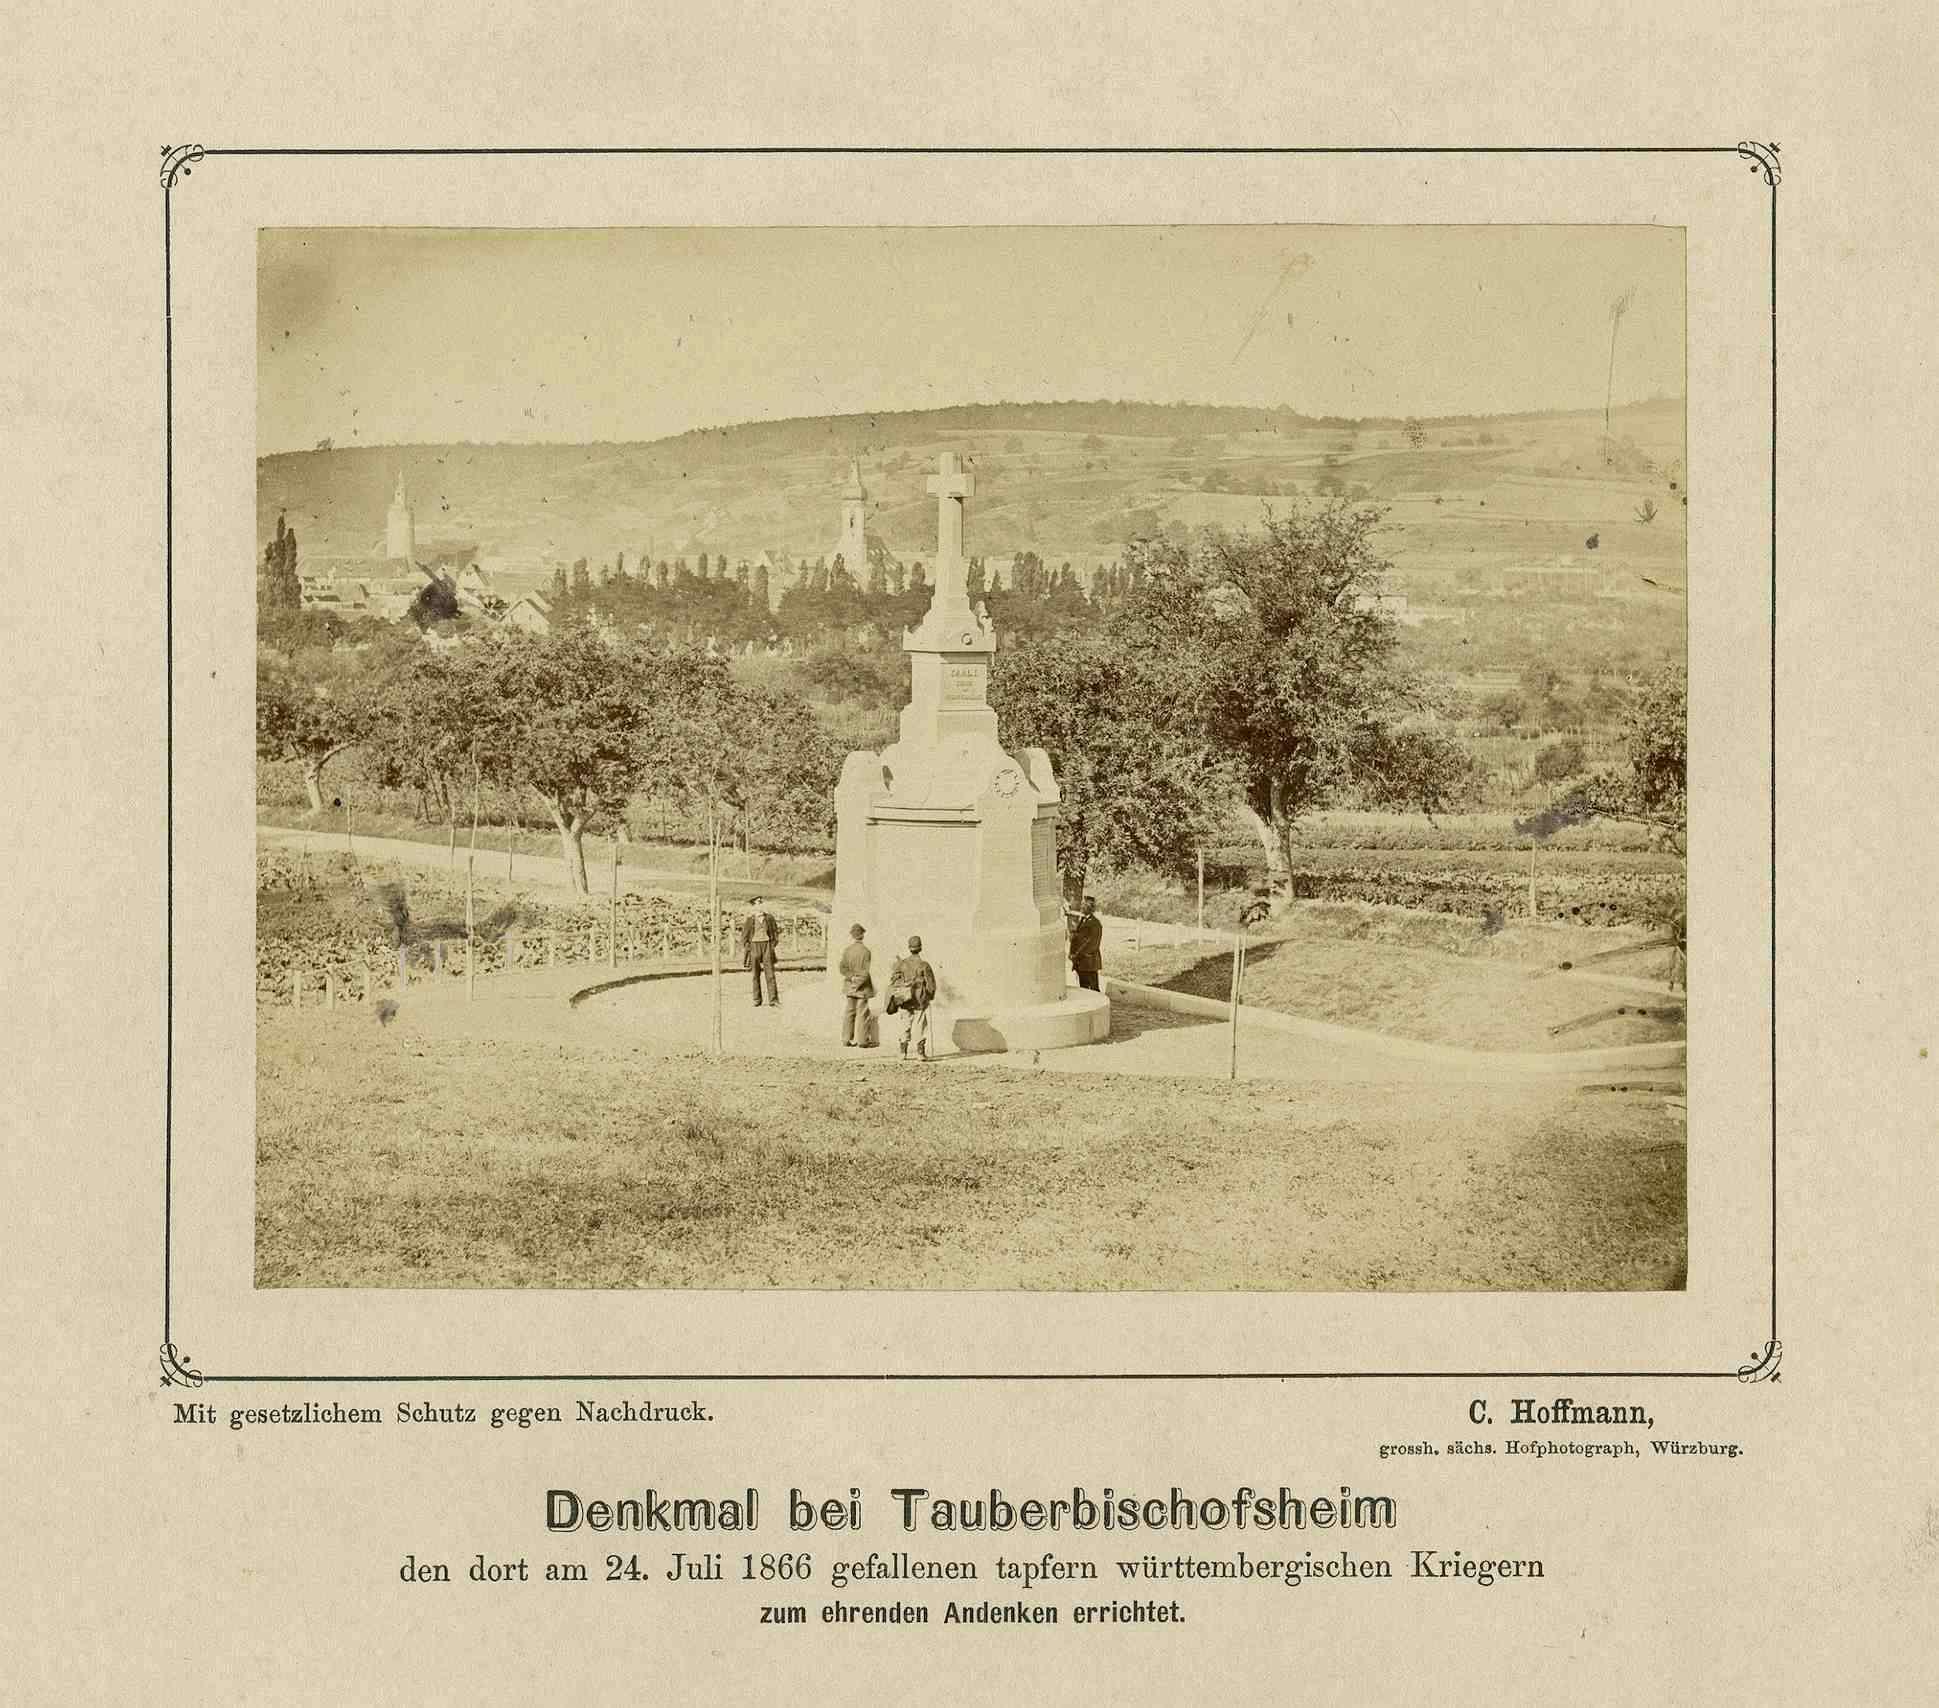 Kriegerdenkmal bei Tauberbischofsheim, vier Zivilisten am Denkmal, im Hintergrund das Stadtbild Tauberbischofsheim, Bild 1